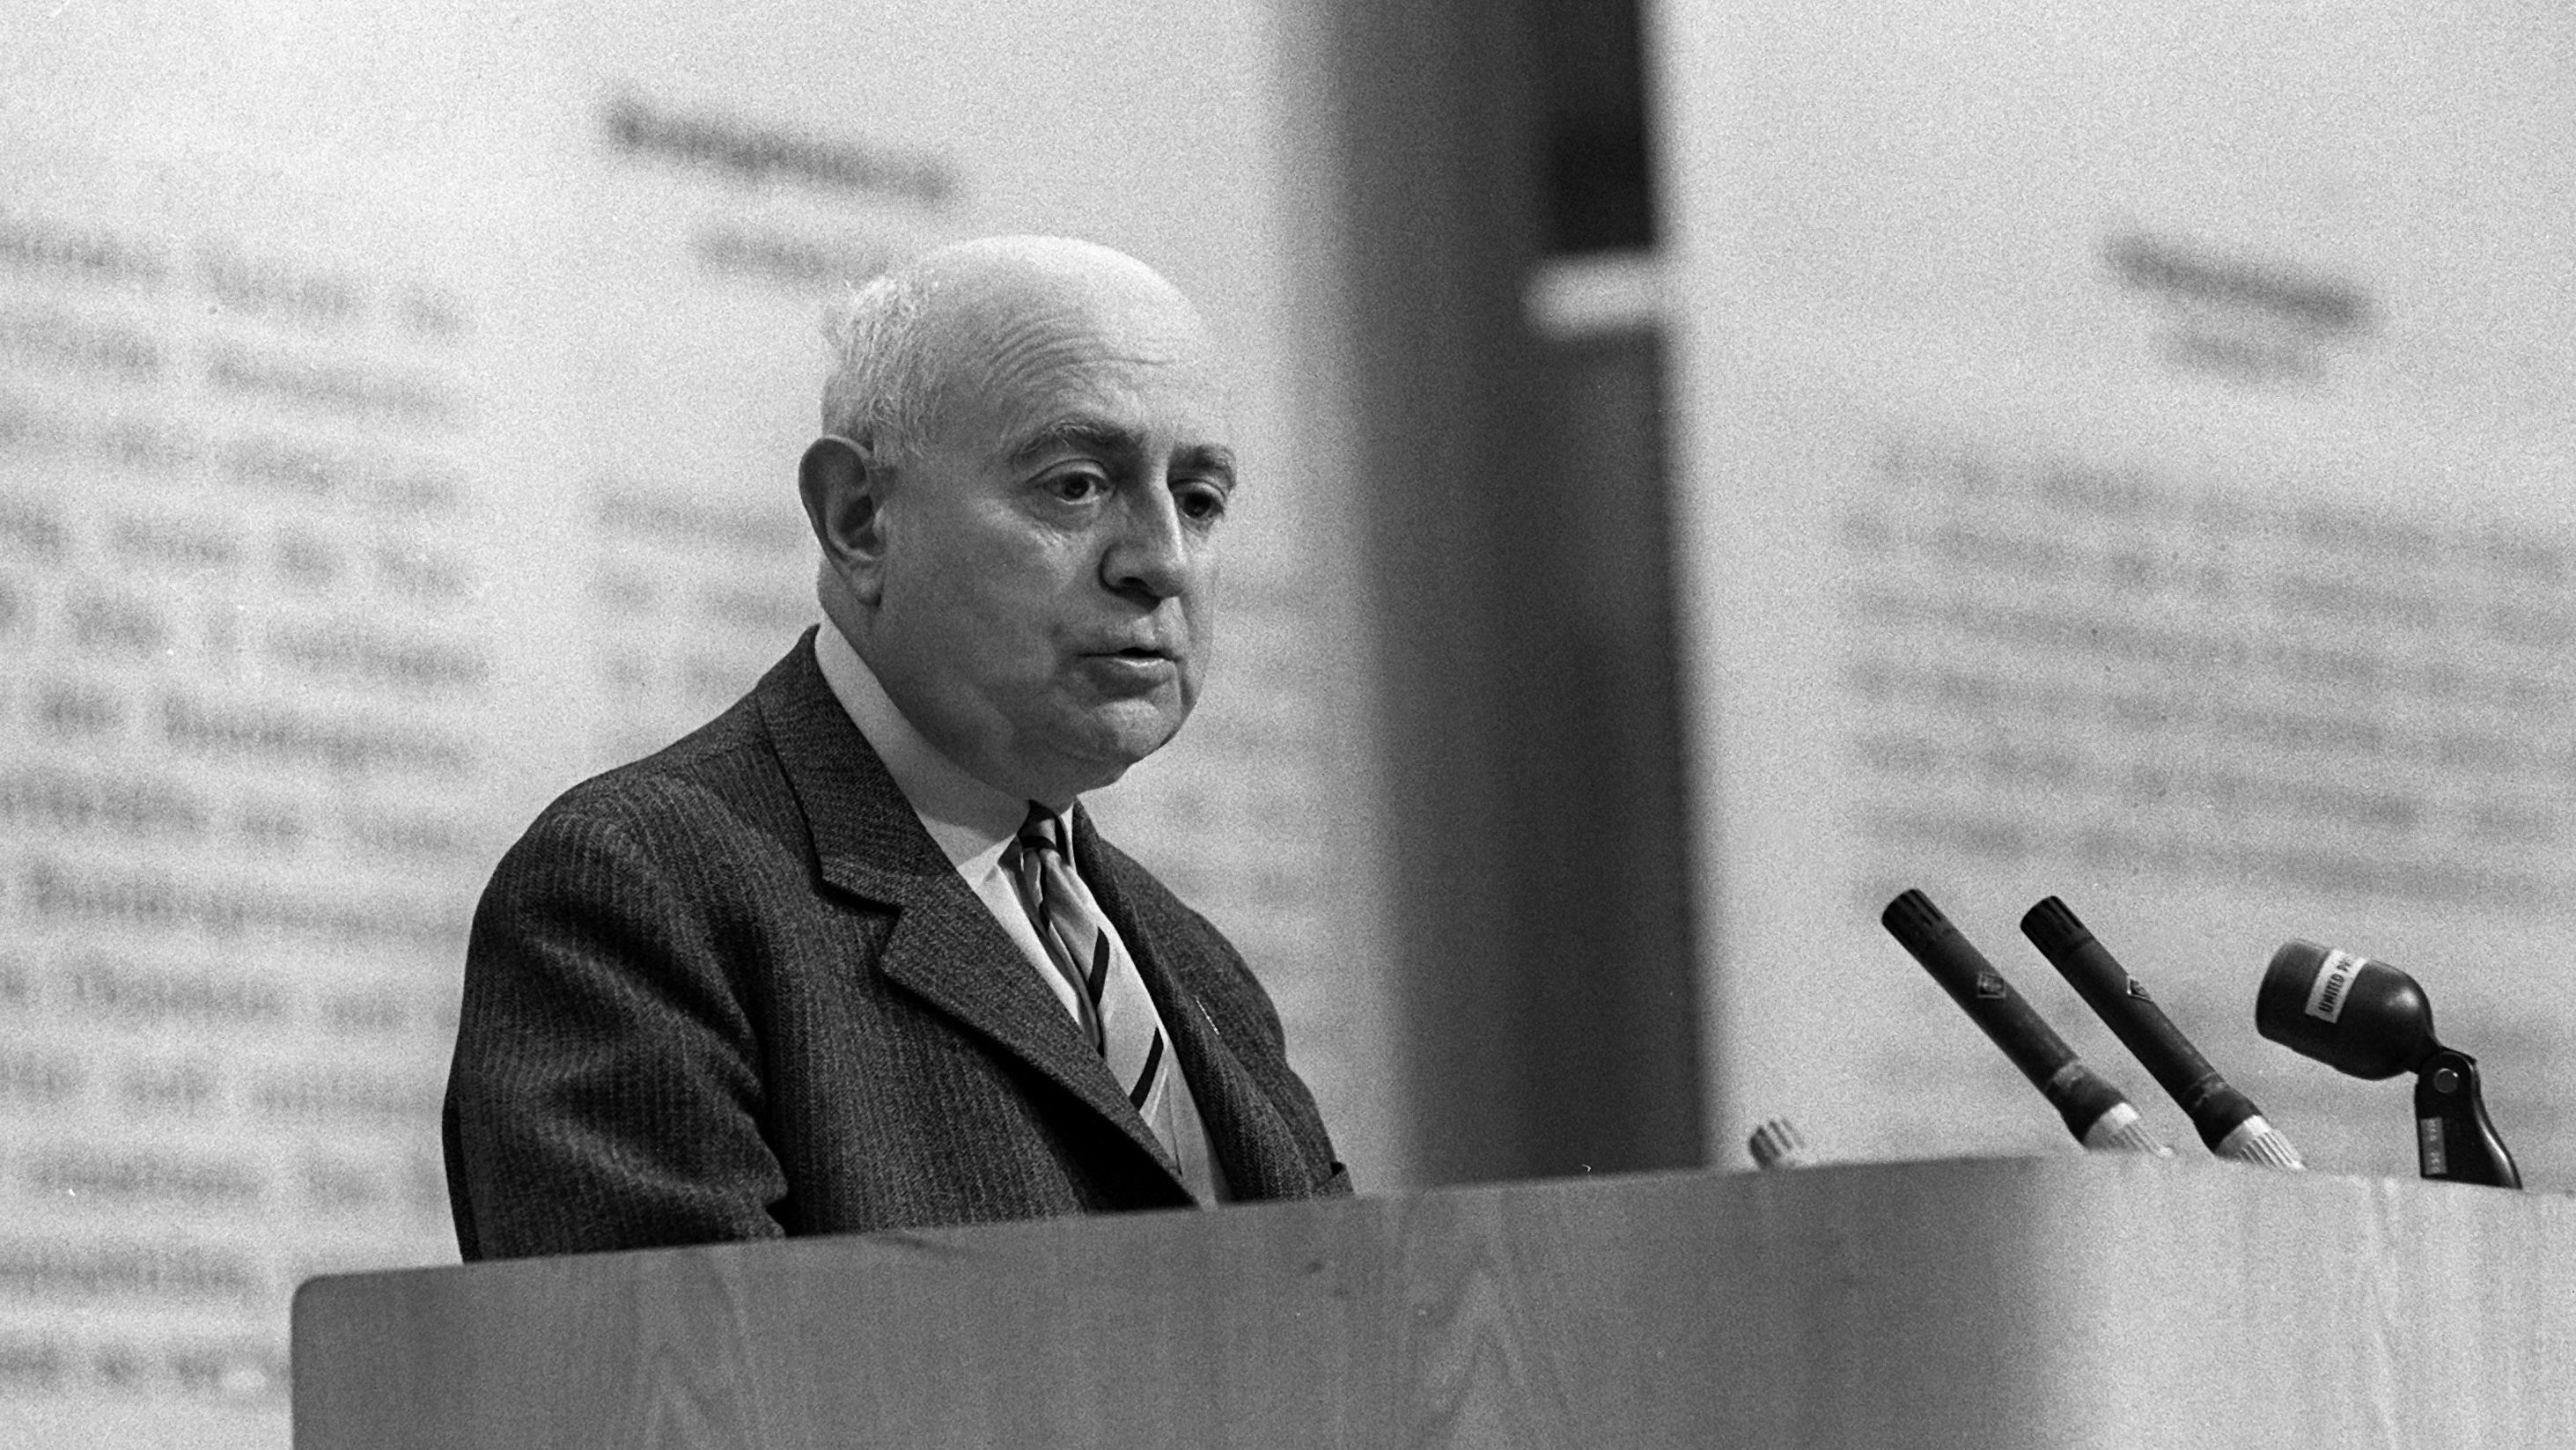 Theodor W. Adorno im Mai 1968 bei einer Veranstaltung gegen die Notstandsgesetzgebung im Großen Sendesaal des Hessischen Rundfunks in Frankfurt am Main